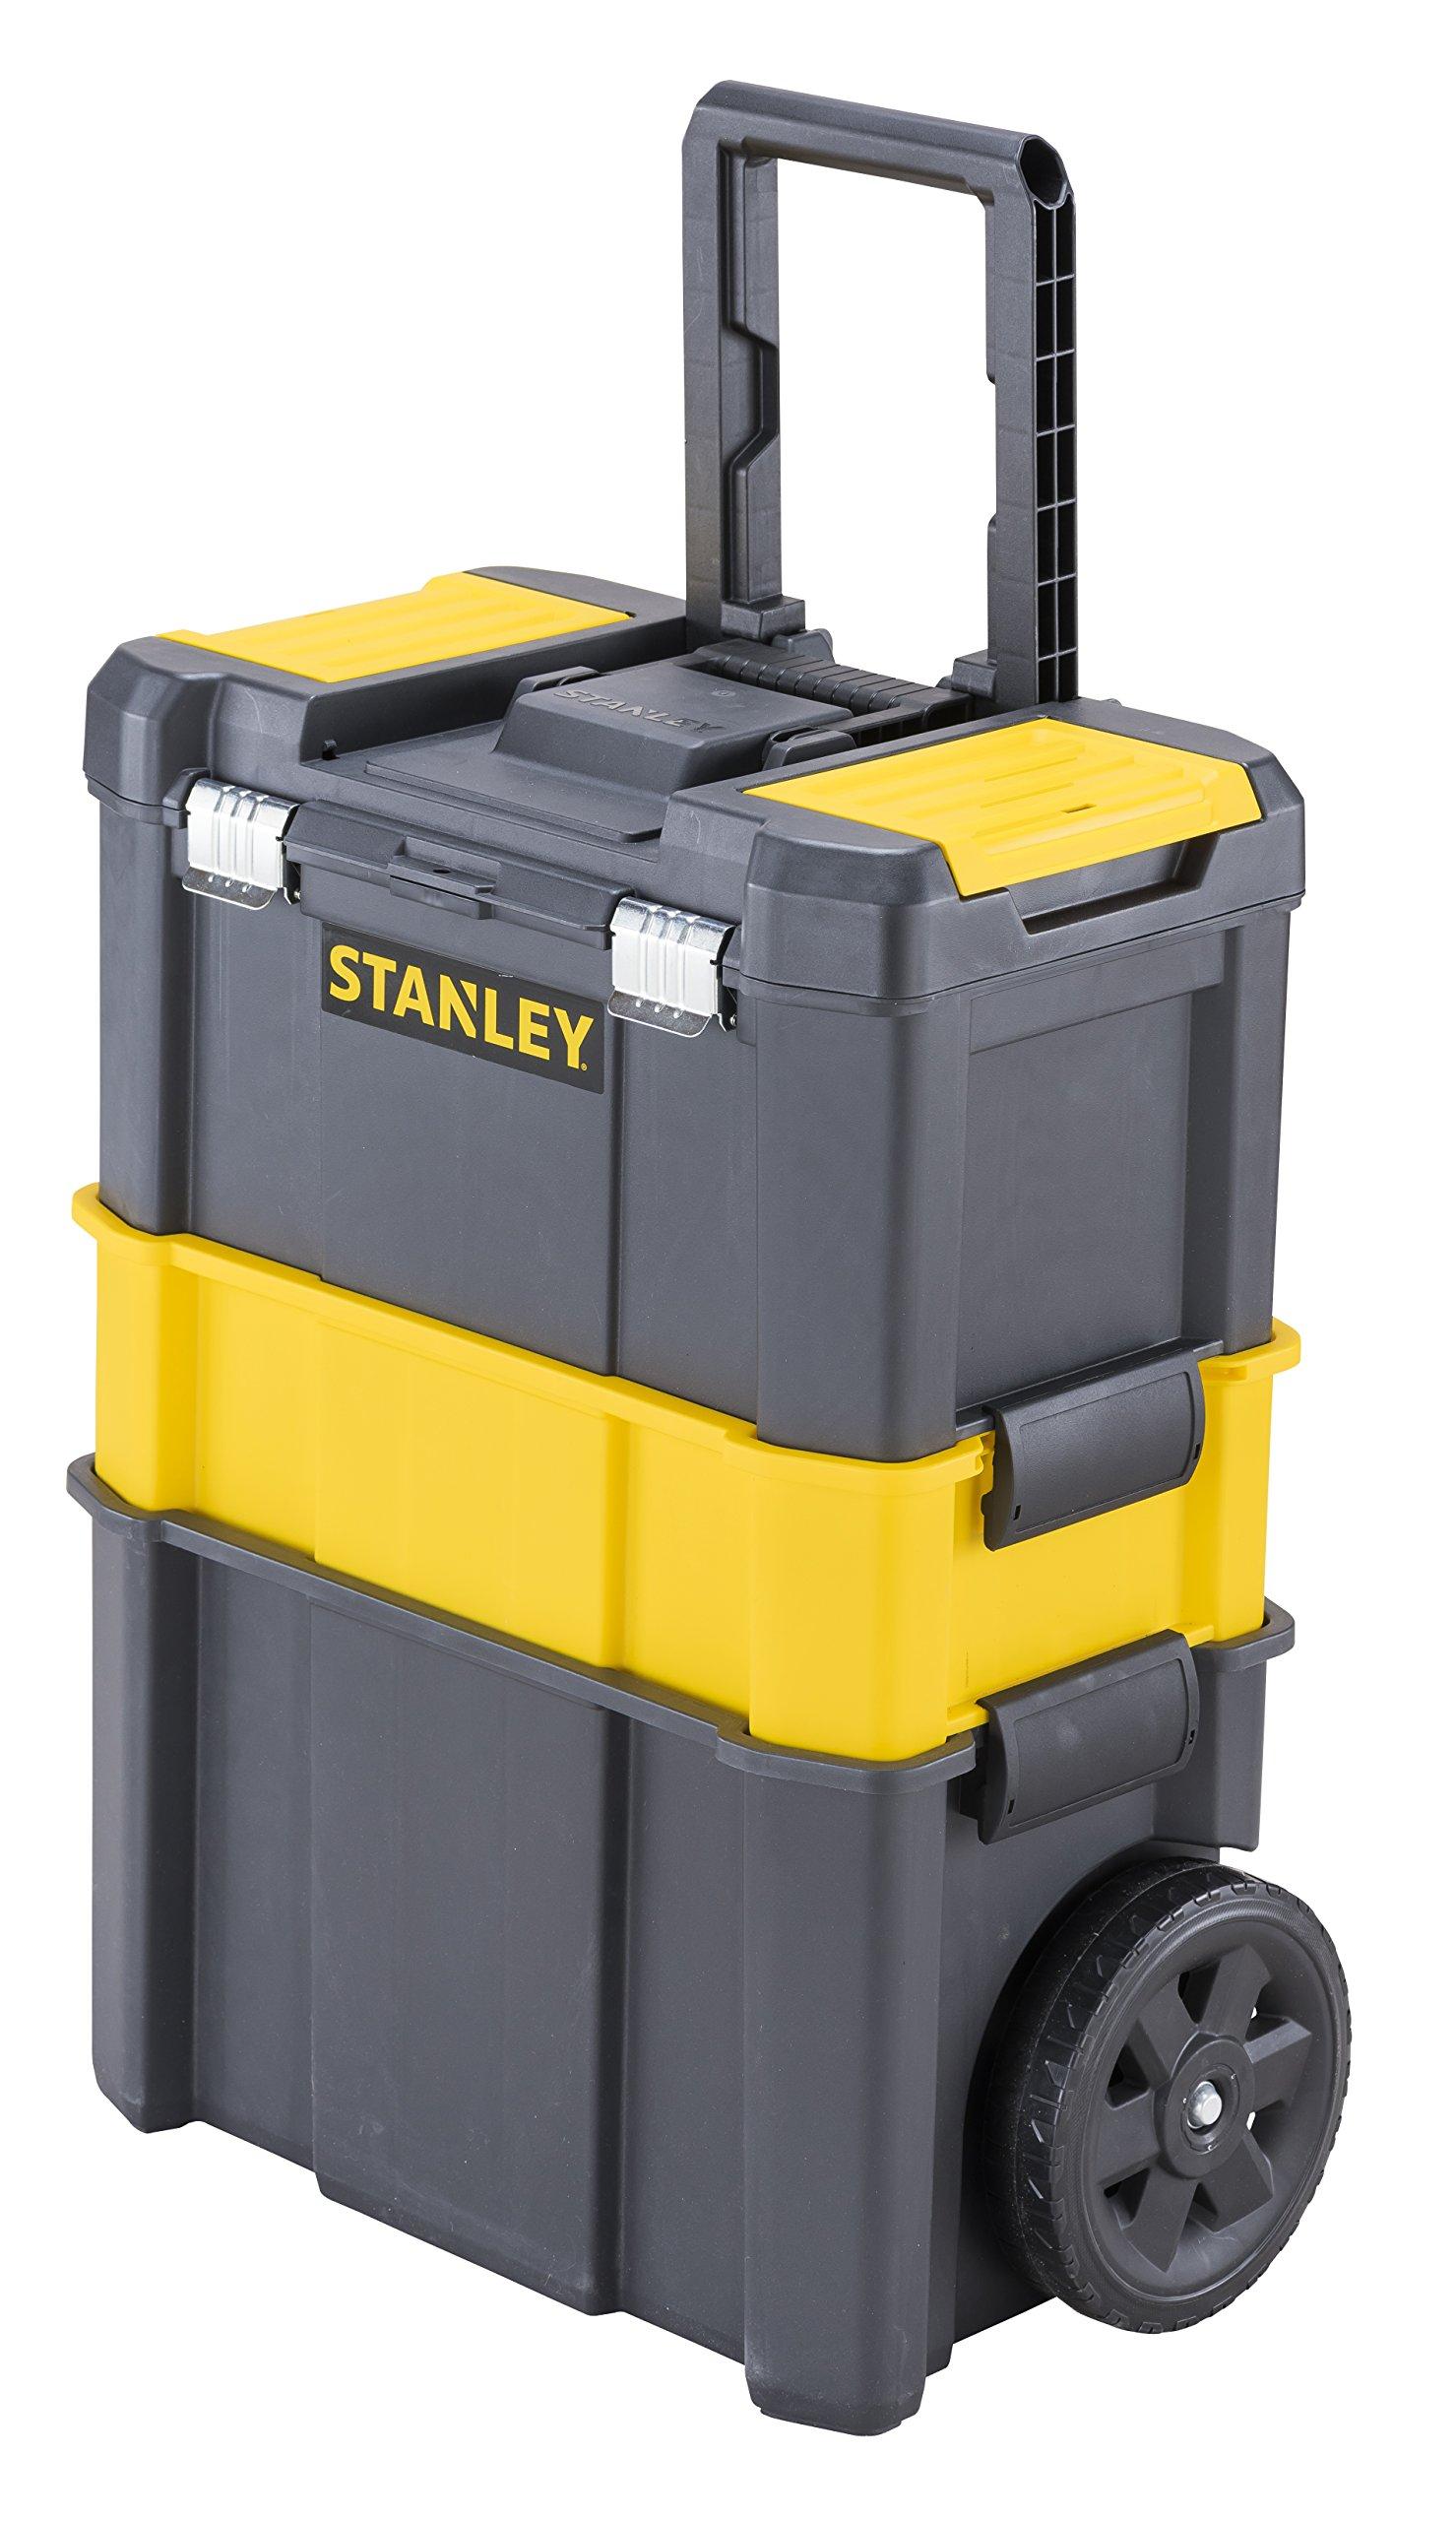 STANLEY STST1-80151 - Taller móvil para herramientas 3 en 1 con cierres metálicos,